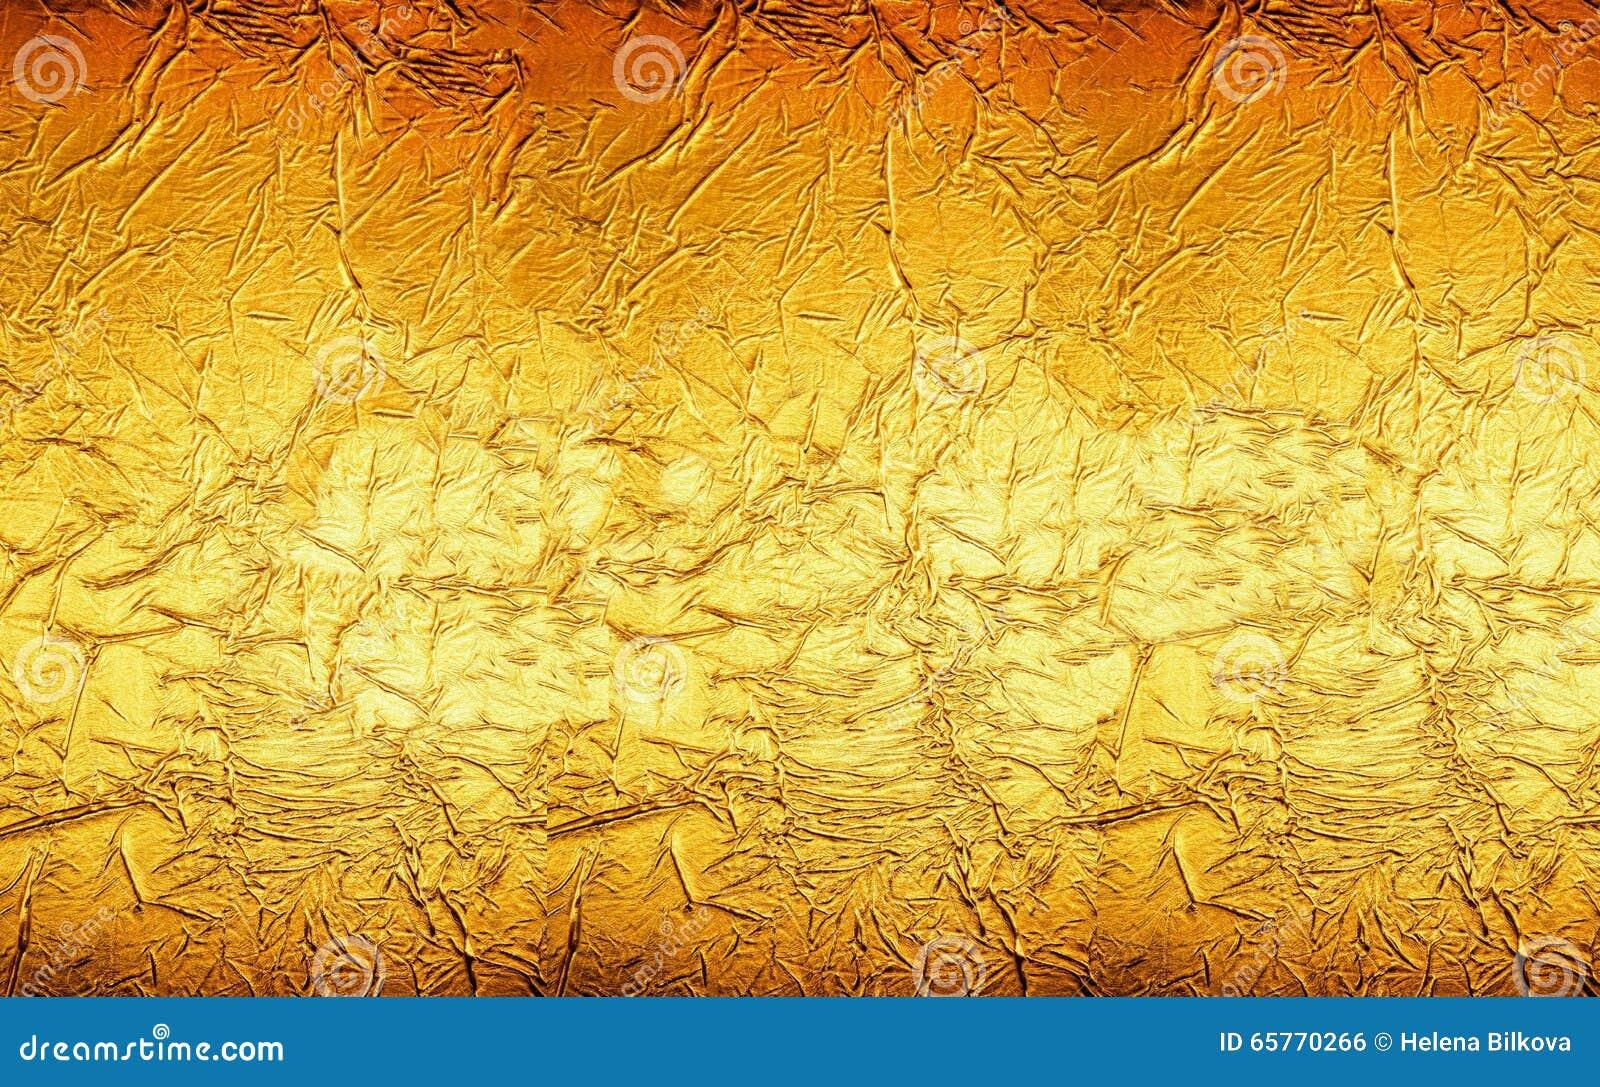 Oranjegele Gouden Textuur Als achtergrond